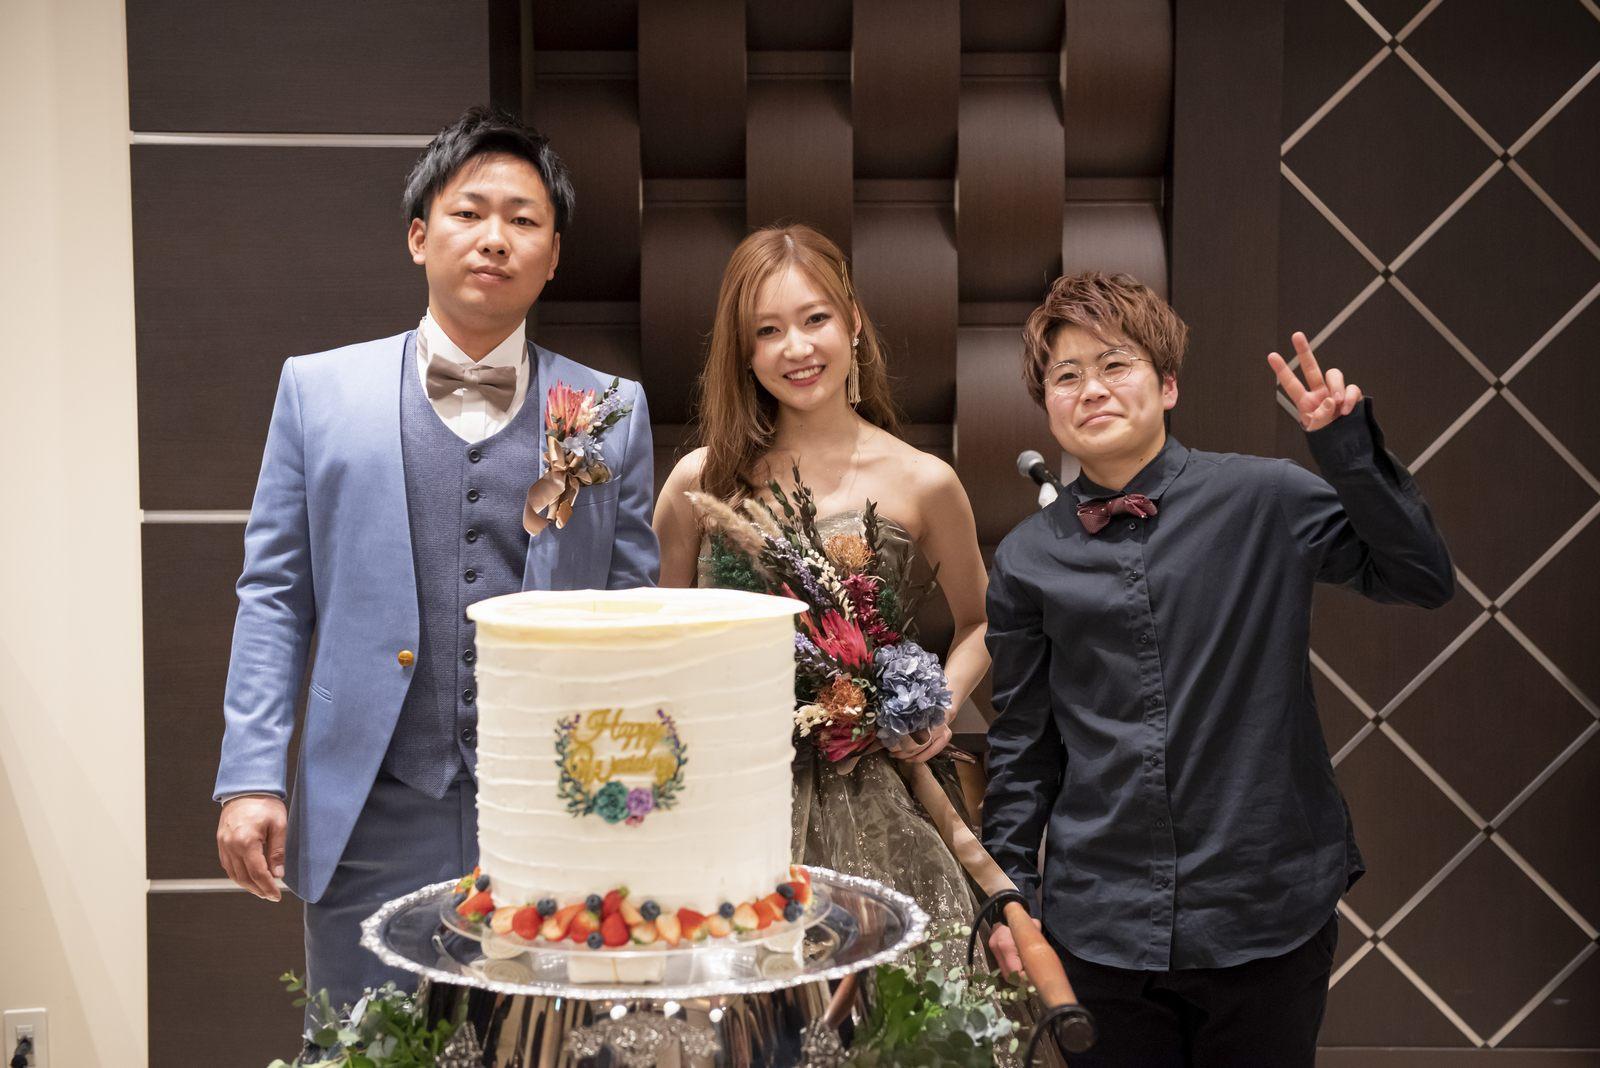 香川県高松市アイルバレクラブのケーキ入刀